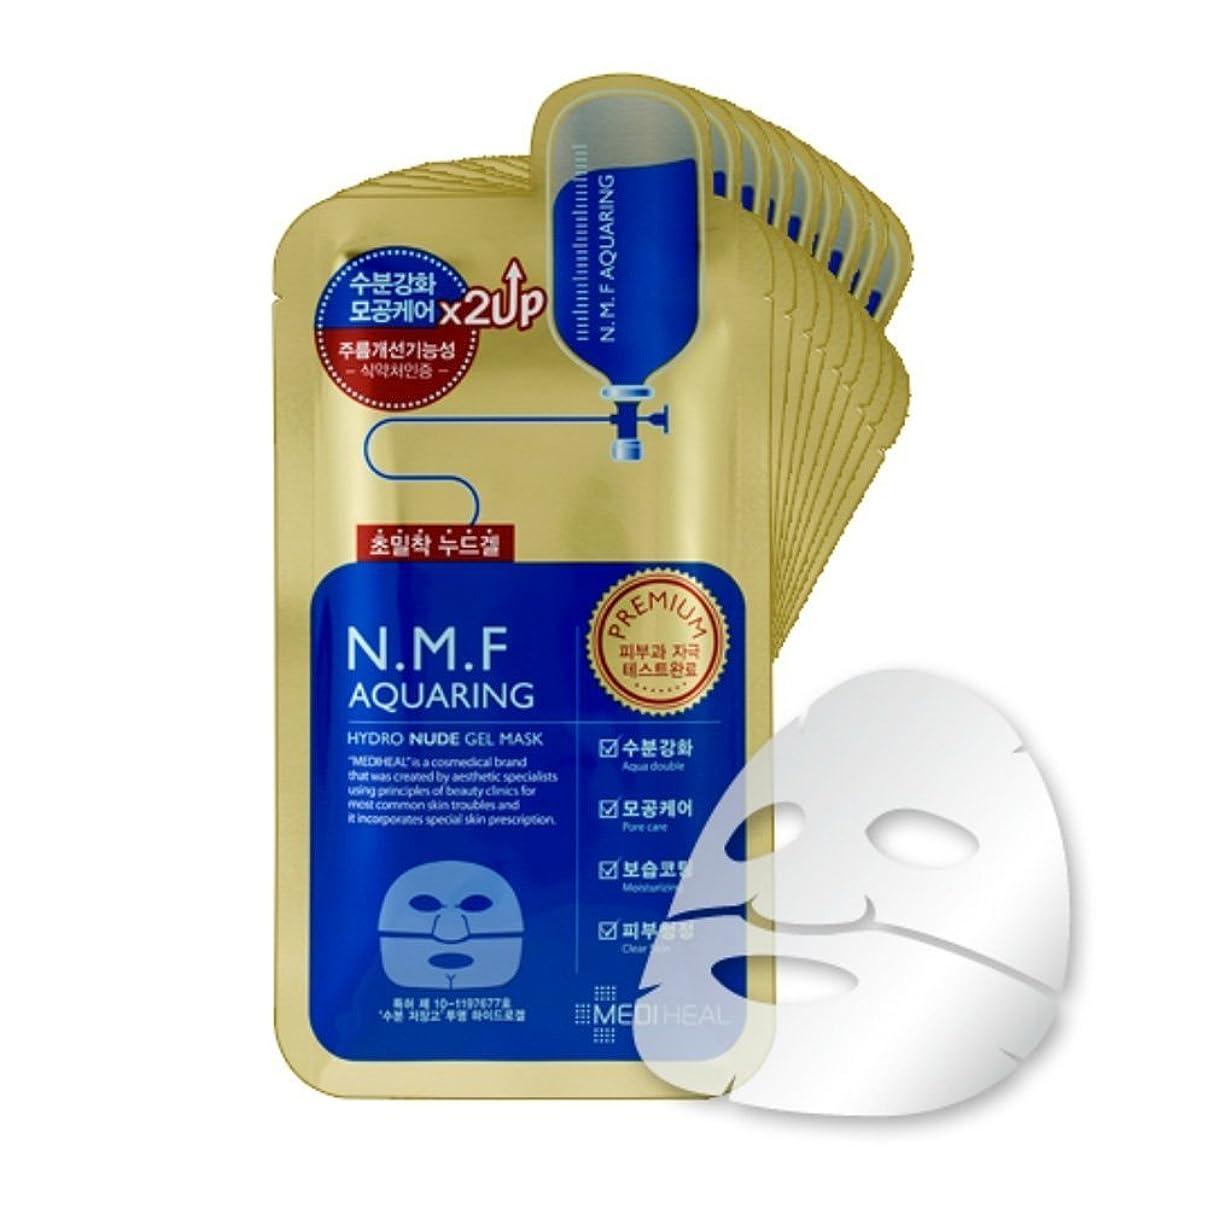 オート刺す反響するMEDIHEAL メディヒール NMF アクアリング ヌード ゲルマスク (10枚) [Mediheal premium NMF AQUARING Hydro Nude Gel 10 sheets] [並行輸入品]